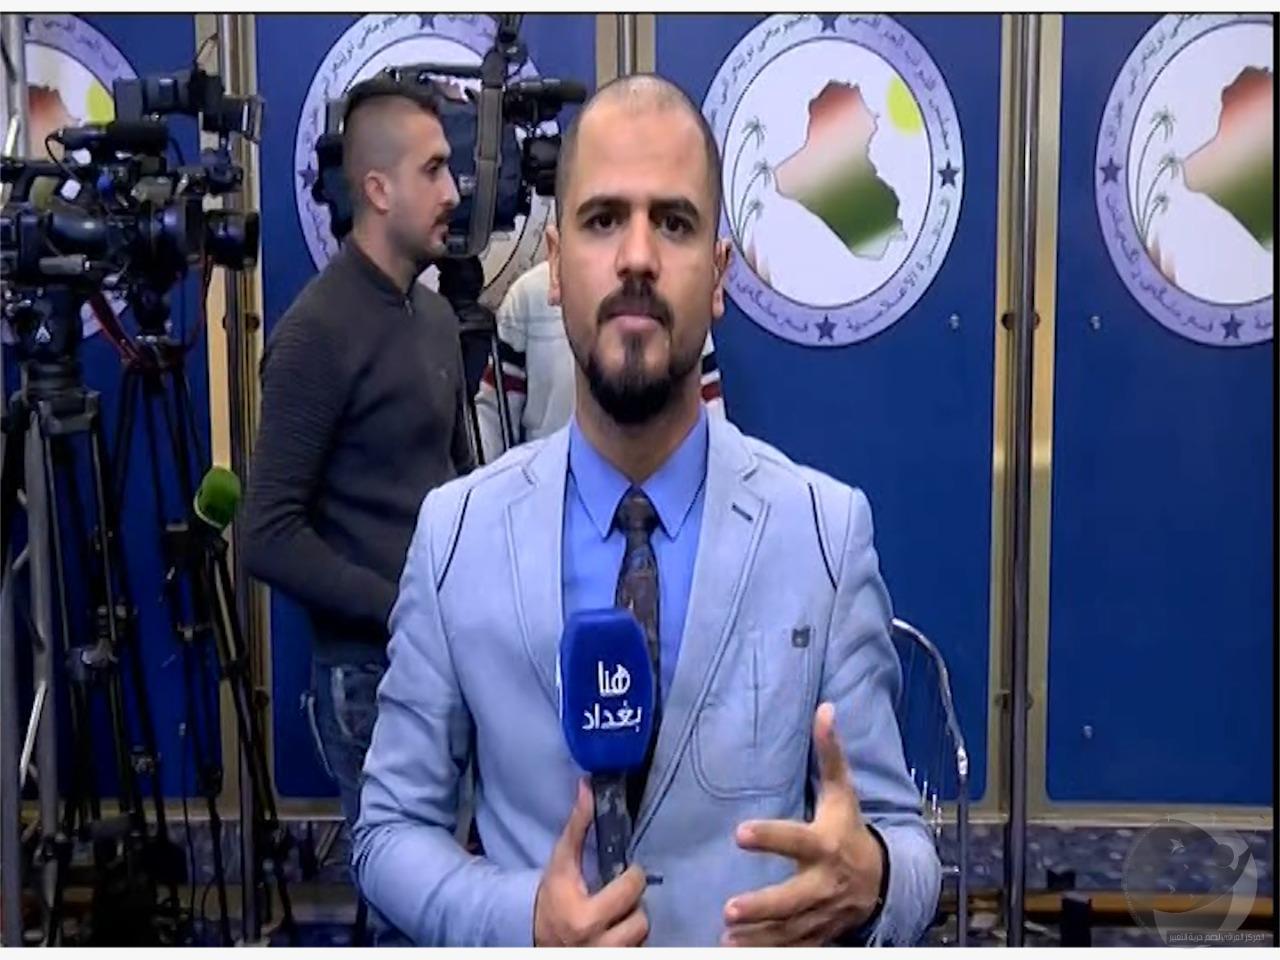 المركز العراقي لدعم حرية التعبير يوفر فريقاً قانونياً لمراسل تلفزيوني ويدعو لمقاضاة القوات الامنية